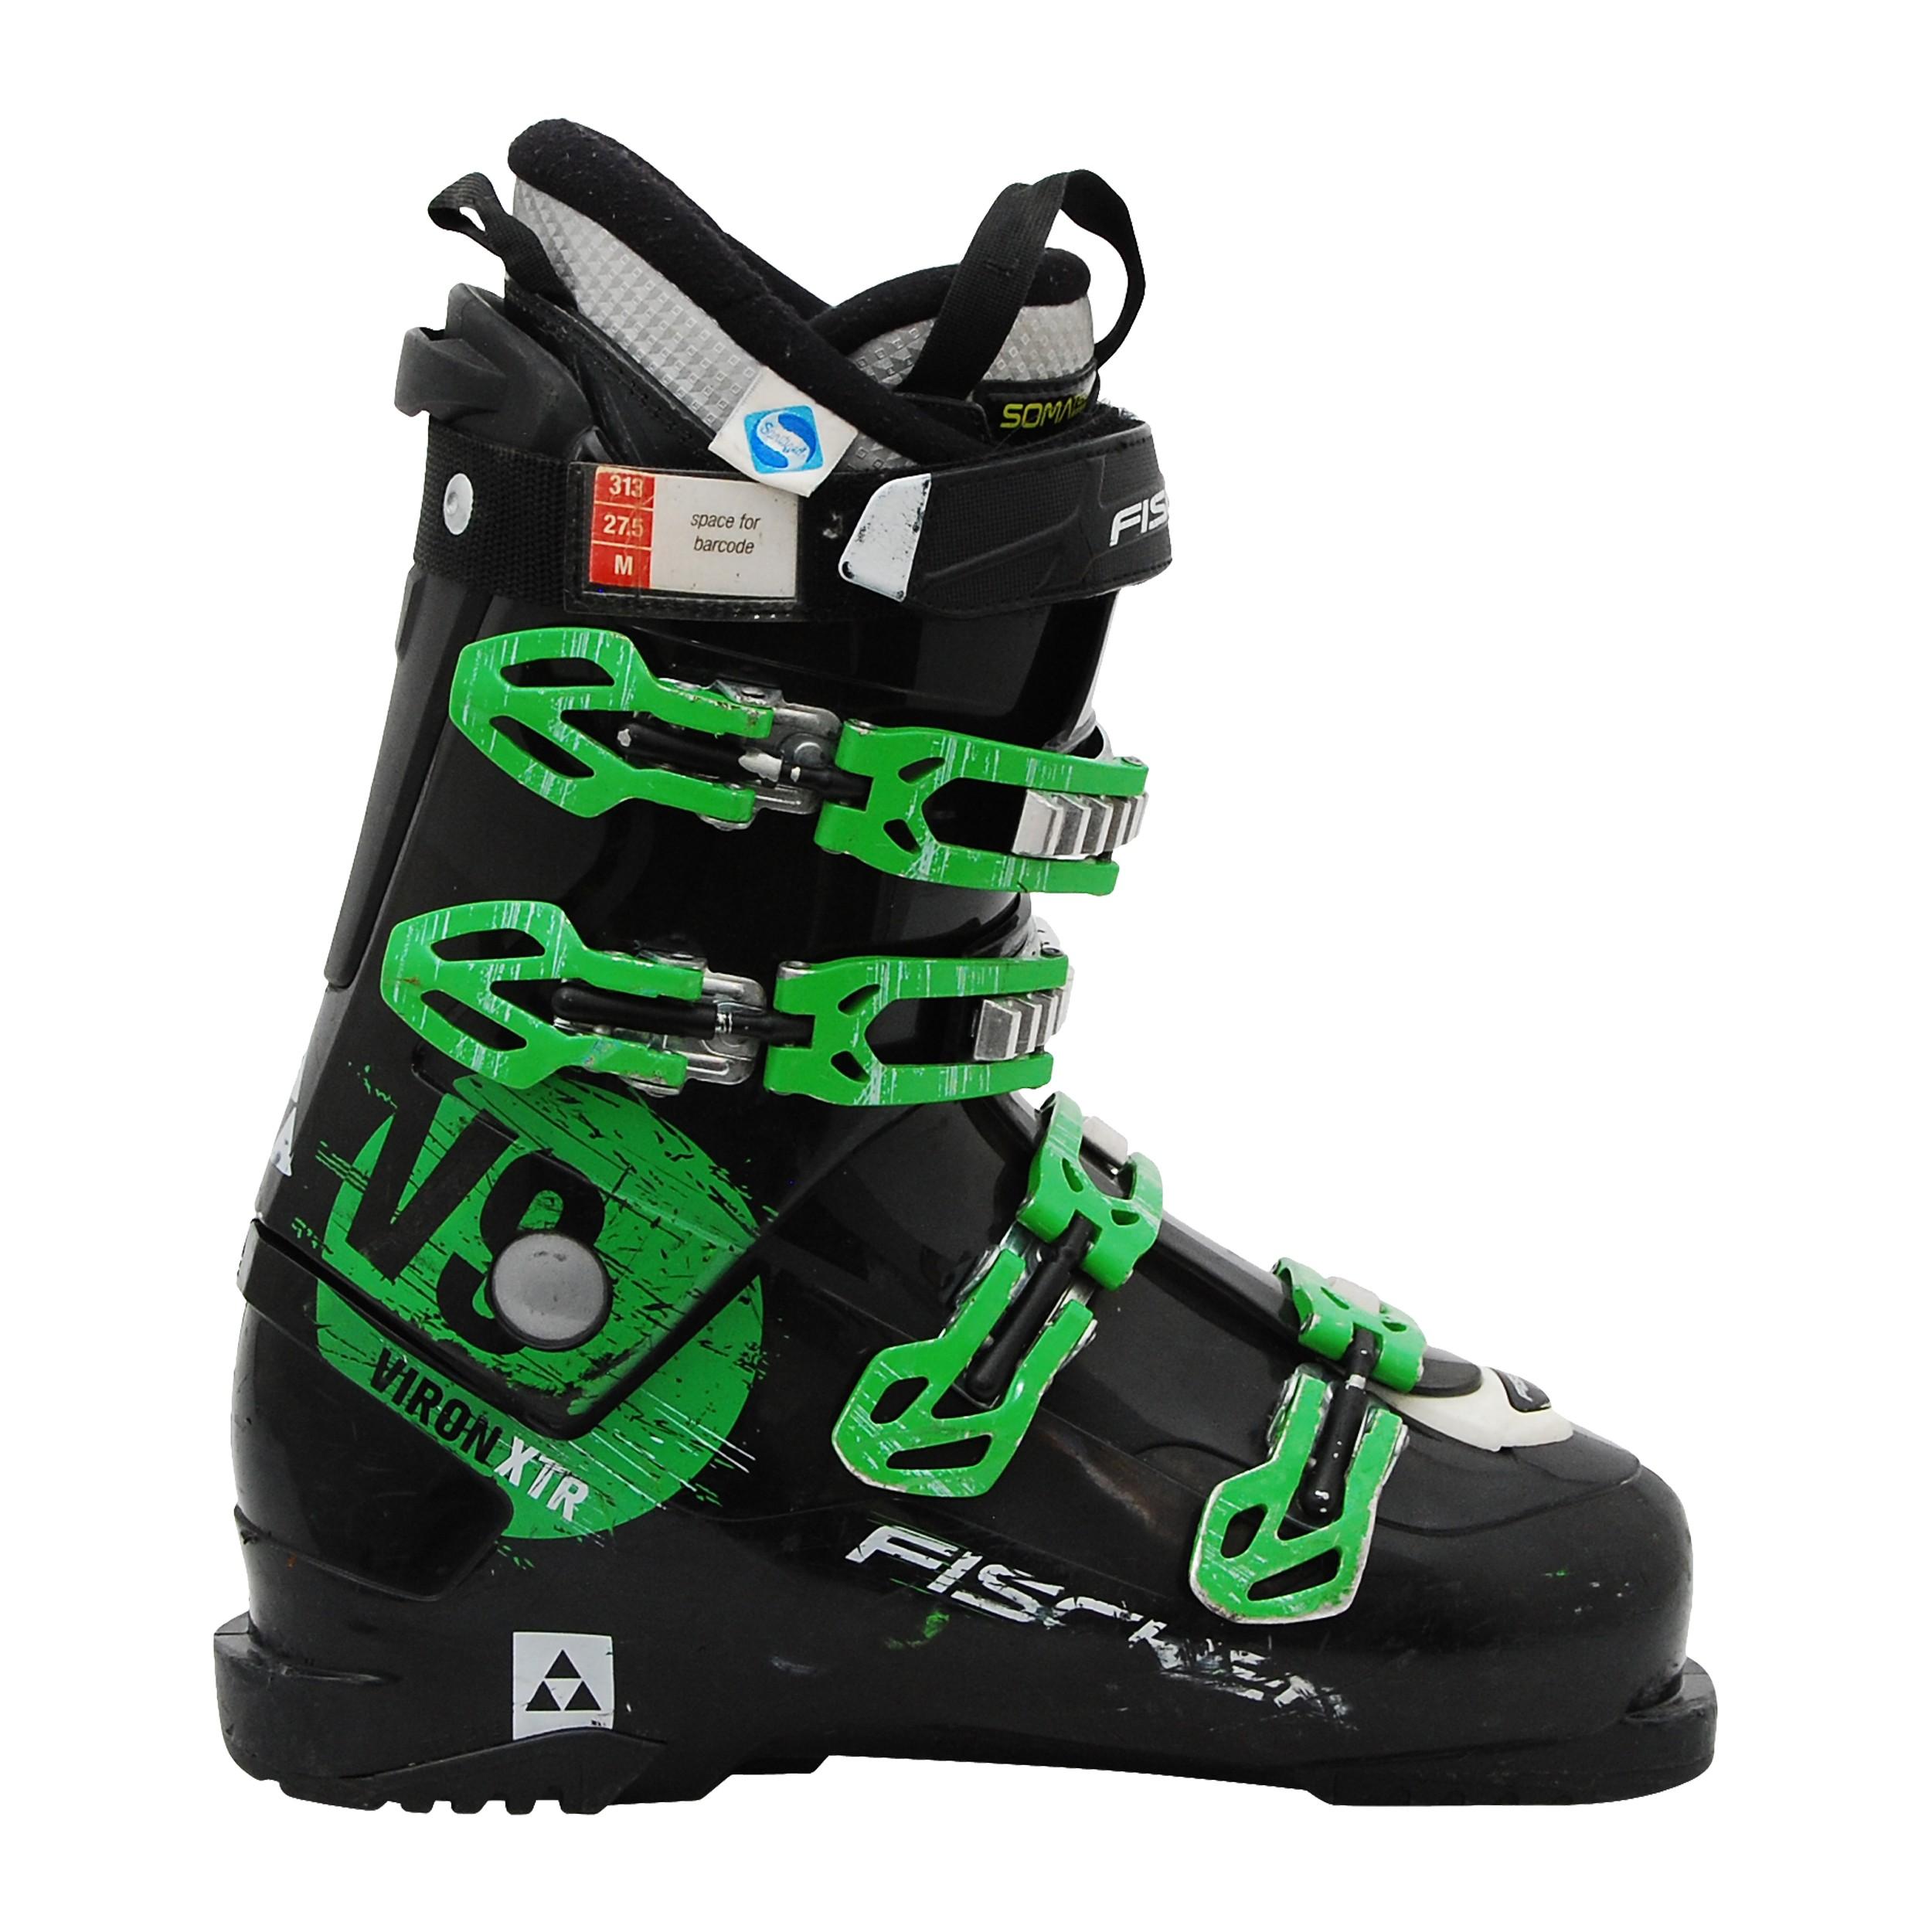 Chaussure de Ski occasion Fischer Viron V9 XTR noir et vert